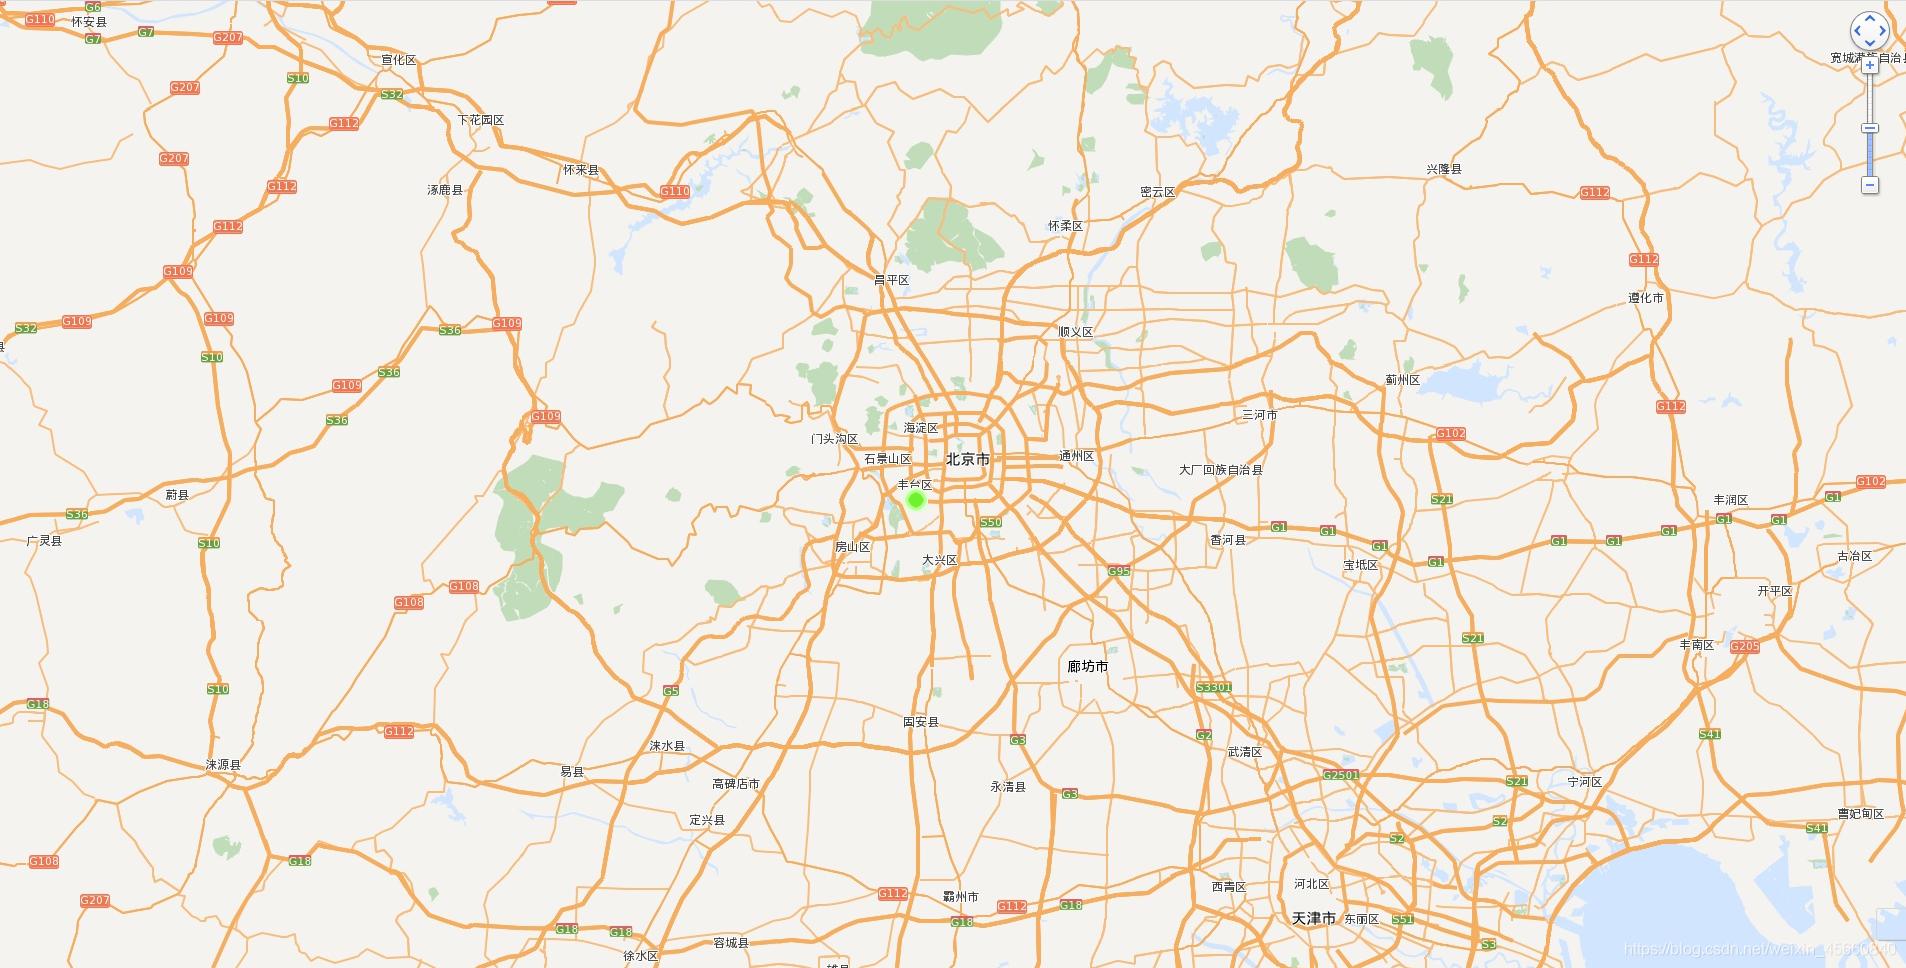 地图展示及标记点